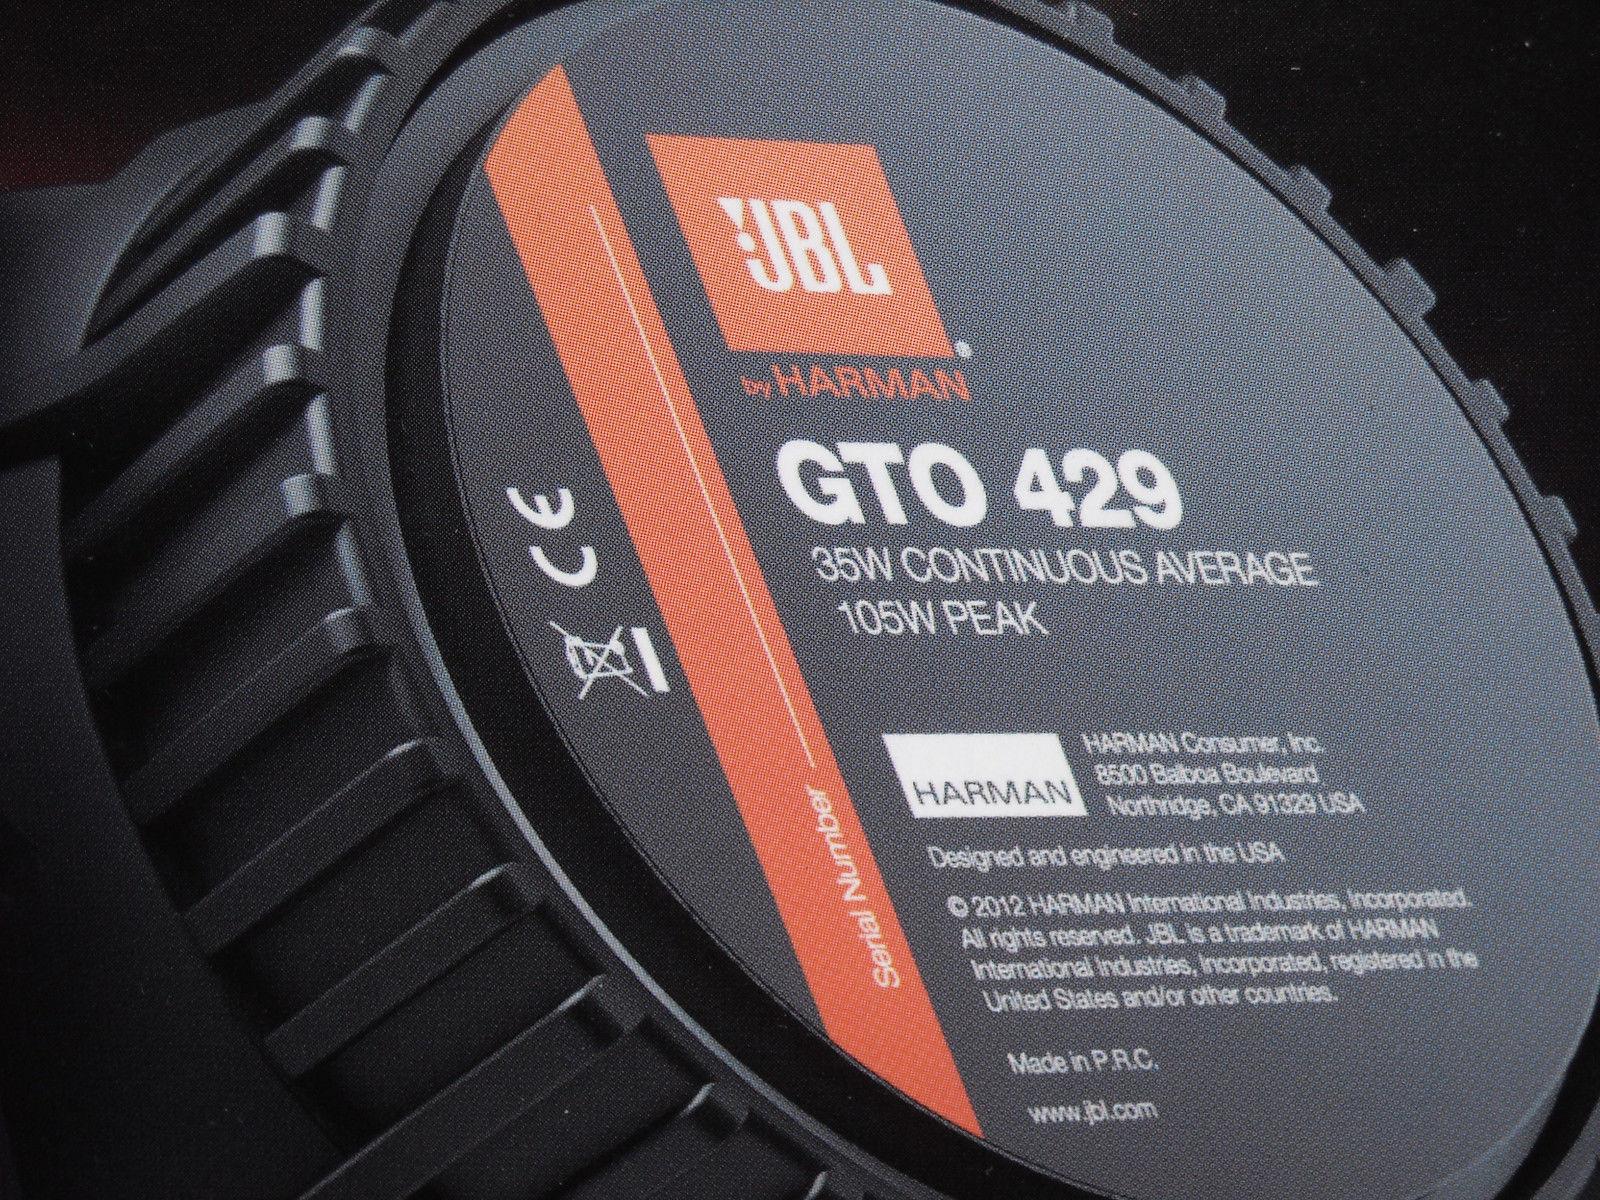 jbl-car-gto429